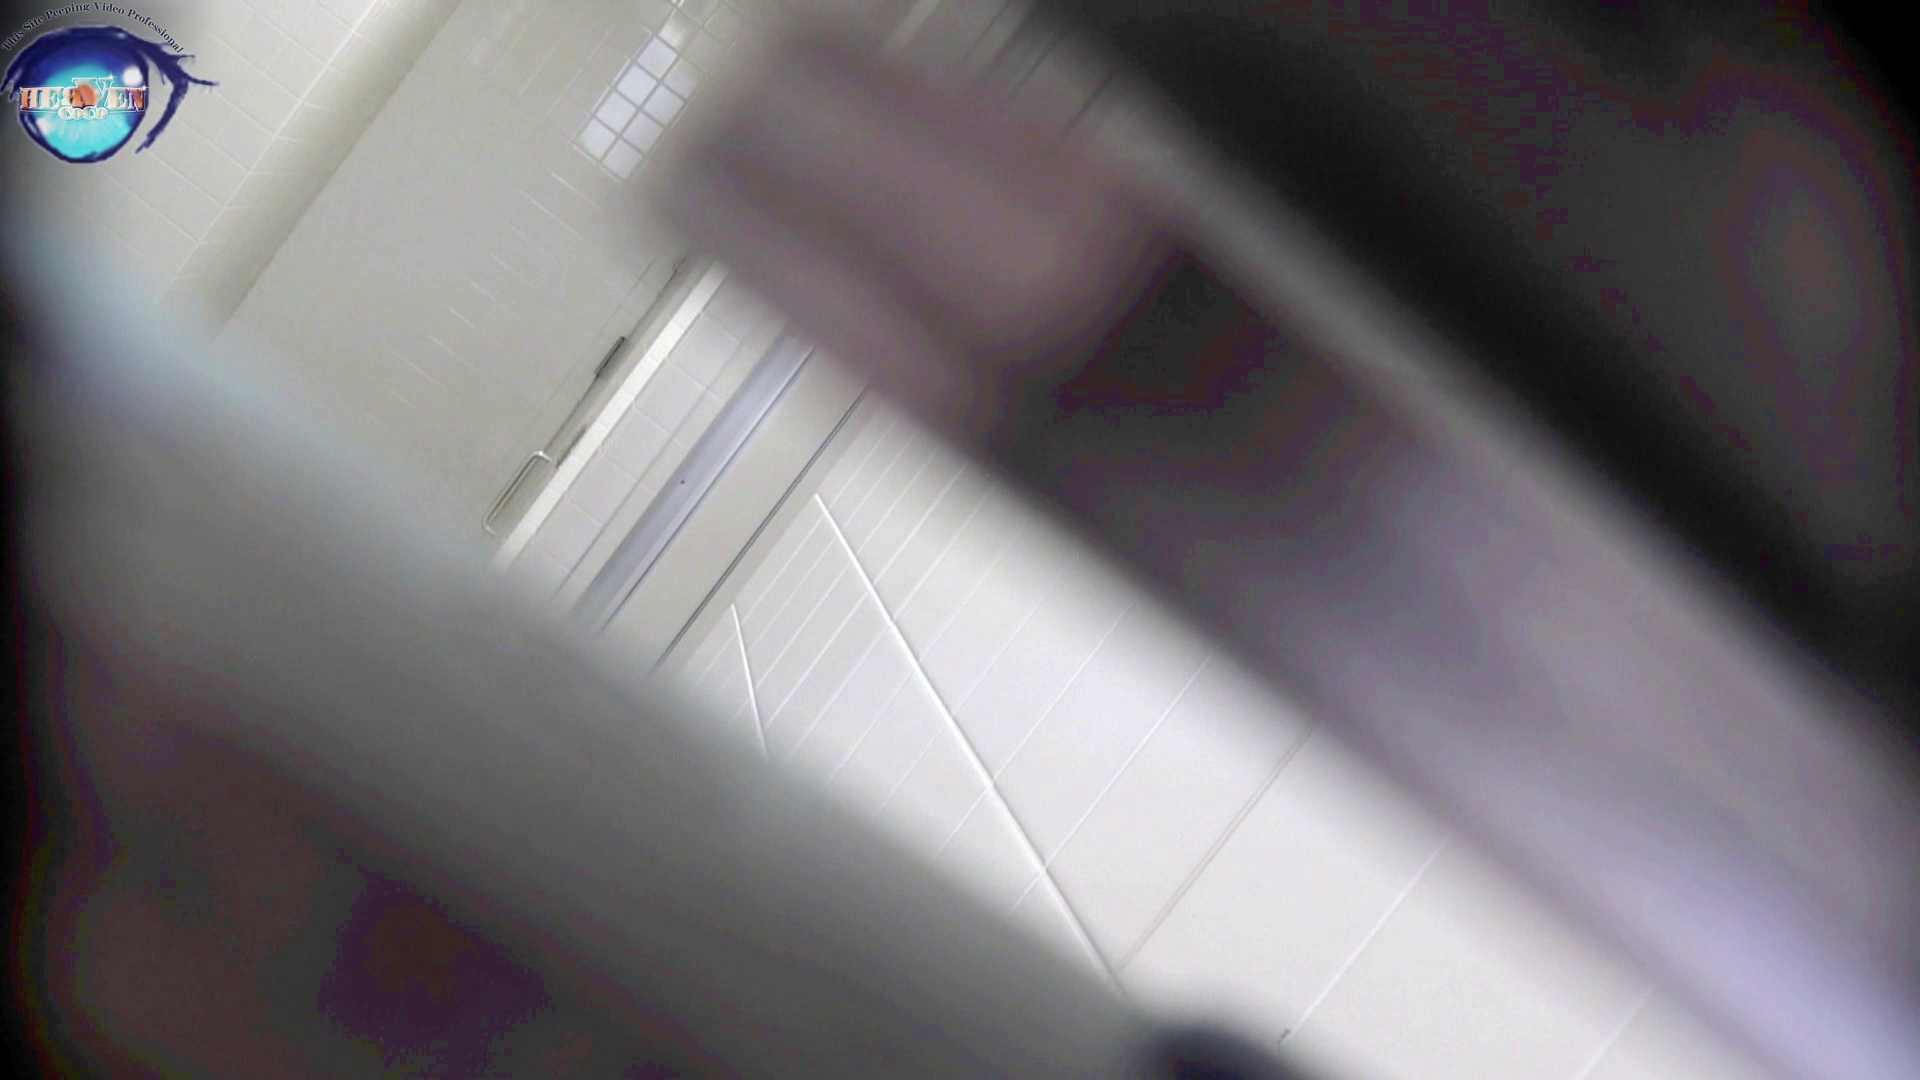 洗面所突入レポート!!お銀 vol.68 無謀に通路に飛び出て一番明るいフロント撮り実現 前編 洗面所編  86PIX 12